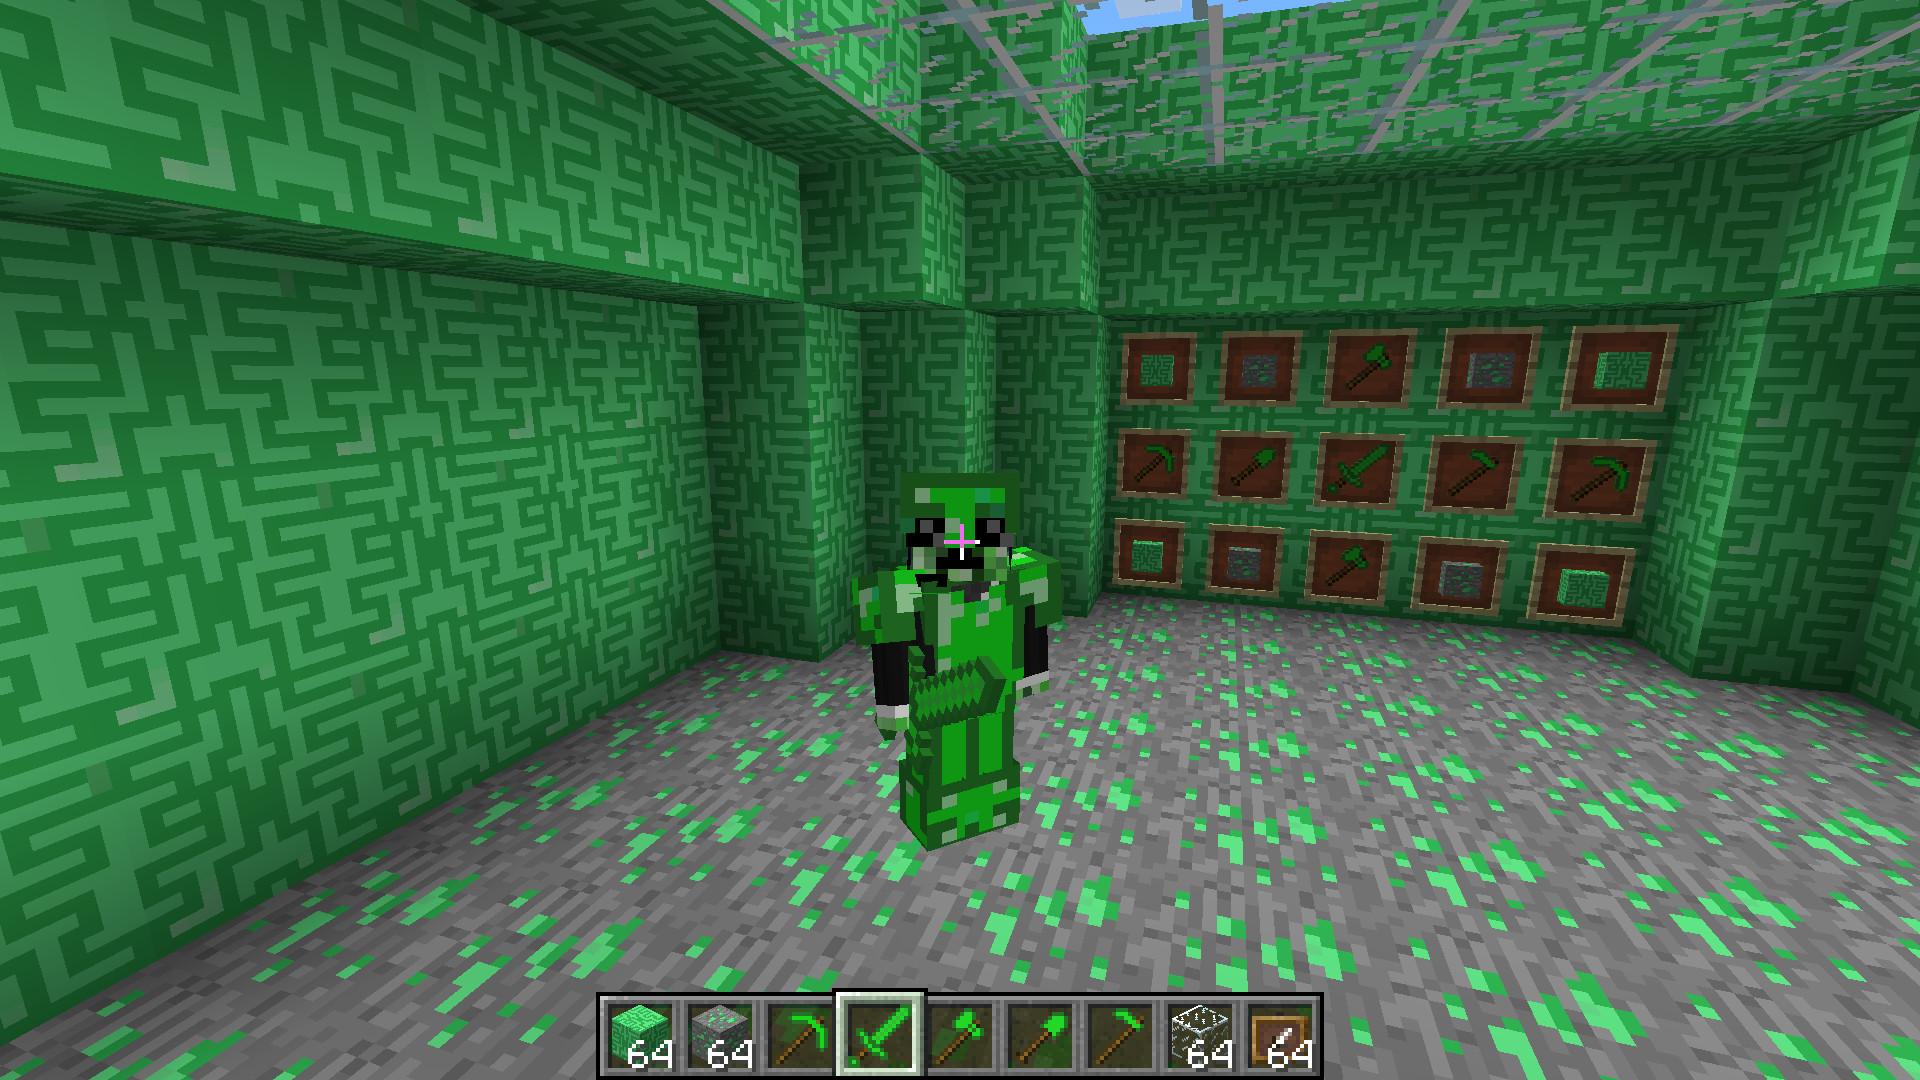 Go Launcher 3d Wallpaper Emerald Mod 1 8 9 1 8 1 7 10 1 7 2 1 6 4 Minecraft